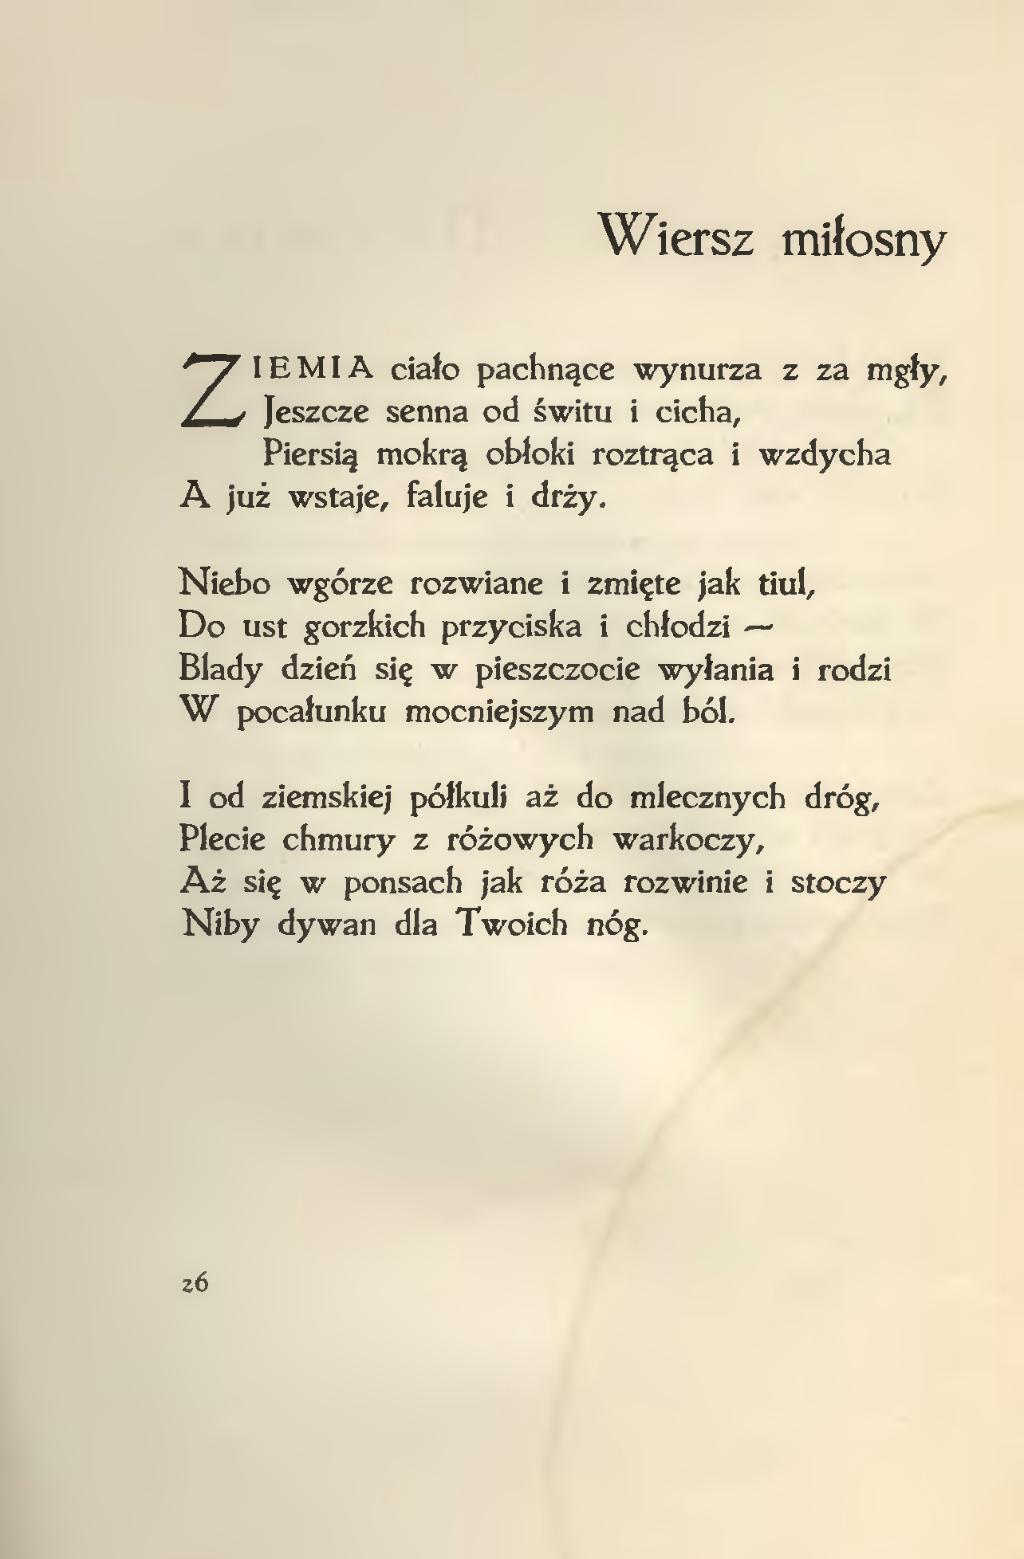 Stronadruga Ojczyznadjvu24 Wikiźródła Wolna Biblioteka